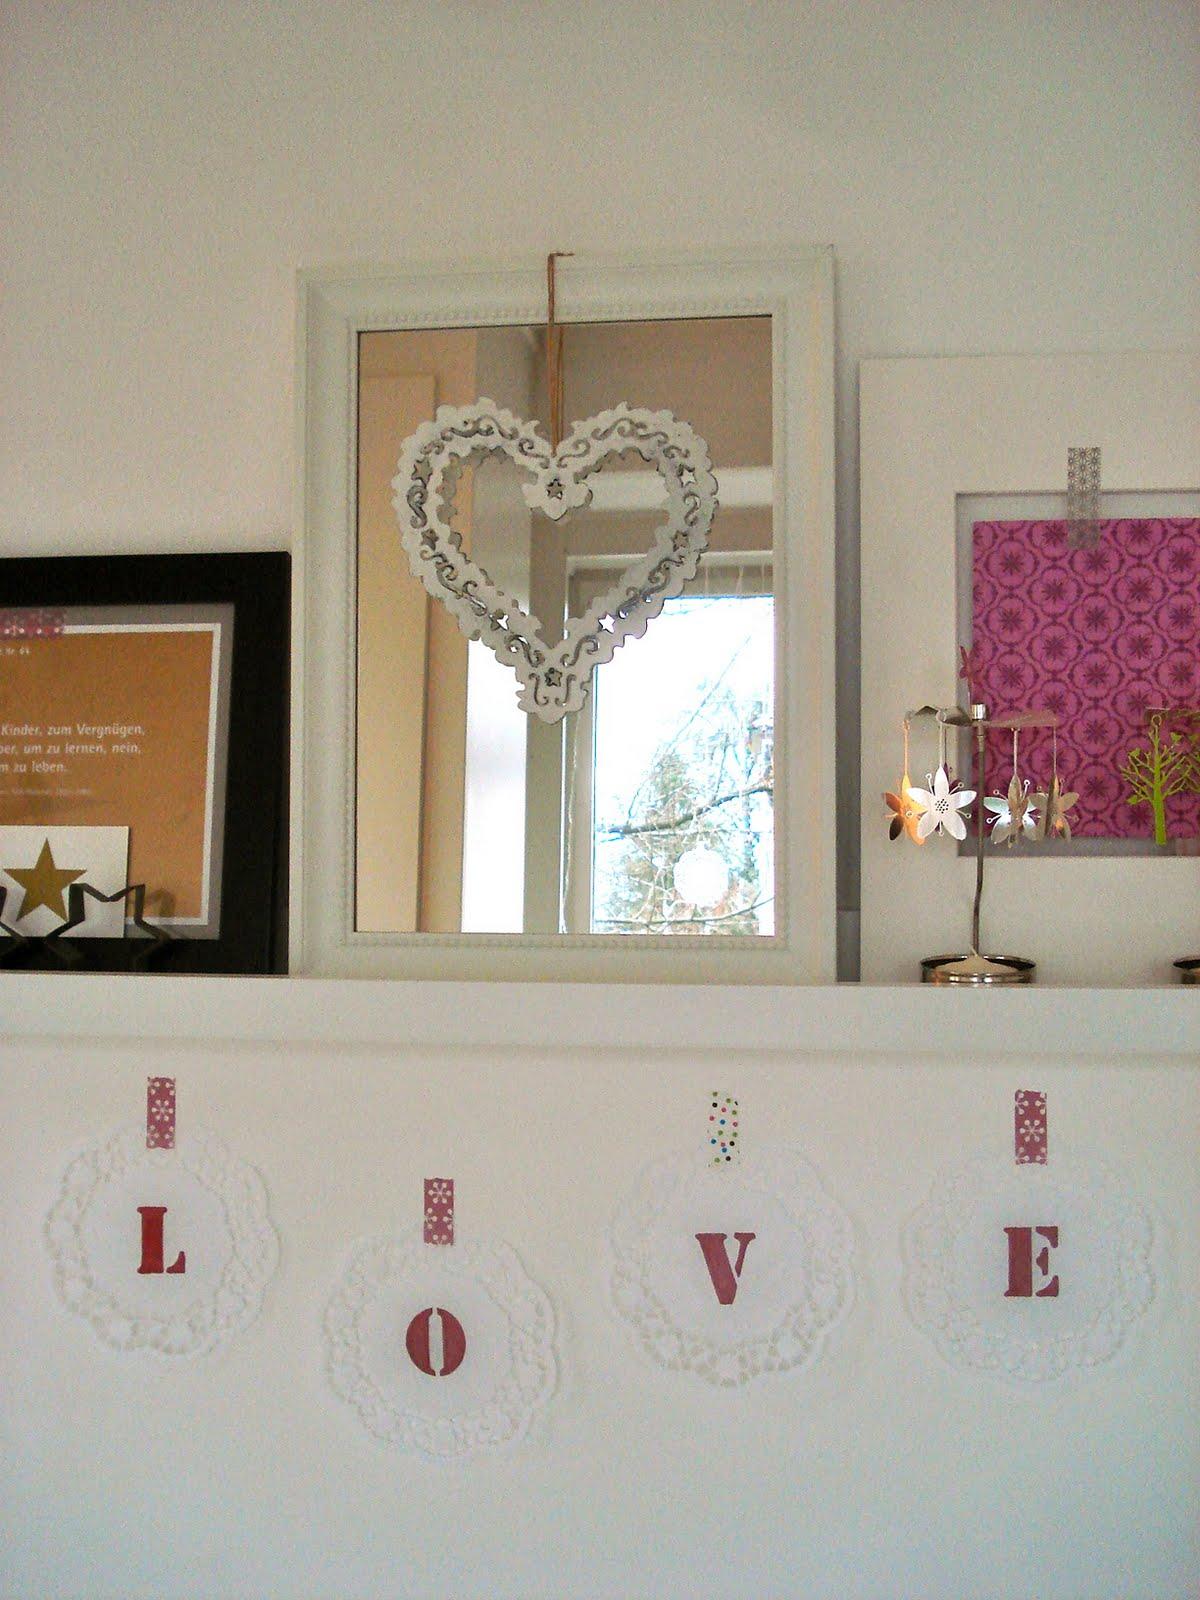 freuleinmimi spieglein spieglein. Black Bedroom Furniture Sets. Home Design Ideas